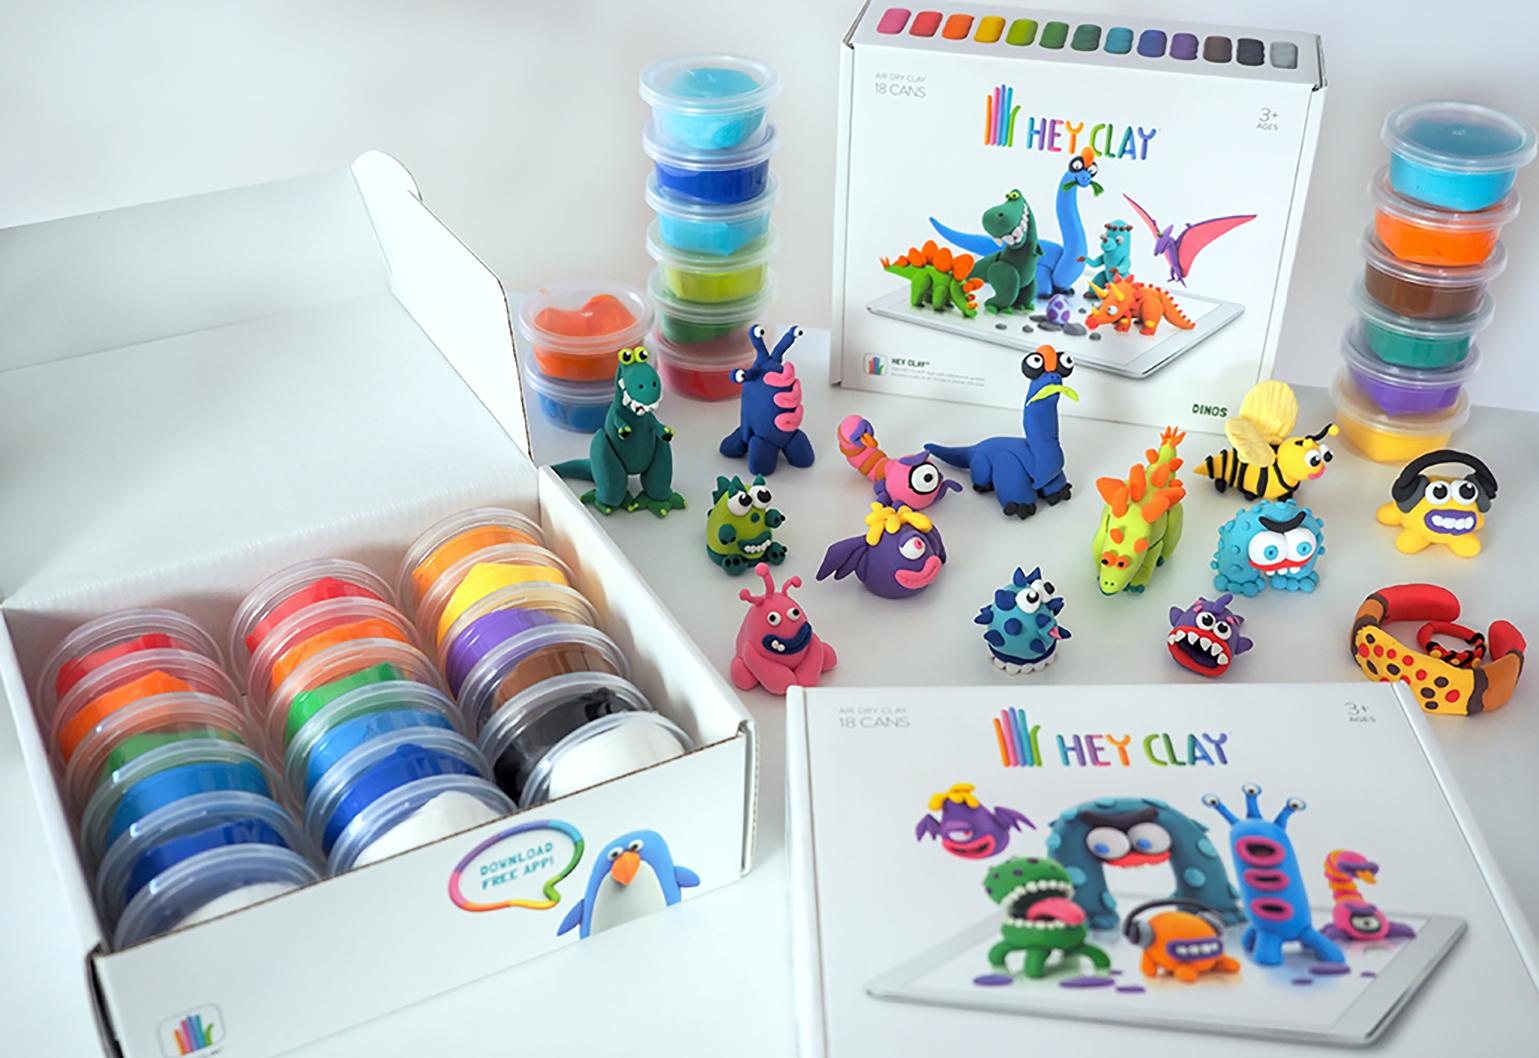 Samoutwardzalna masa plastyczna dla dzieci, to masa kreatywności hey clay zestaw w pudełku, pokazane figurki, które można ulepić z plasteliny, masy plastycznej i play doh.